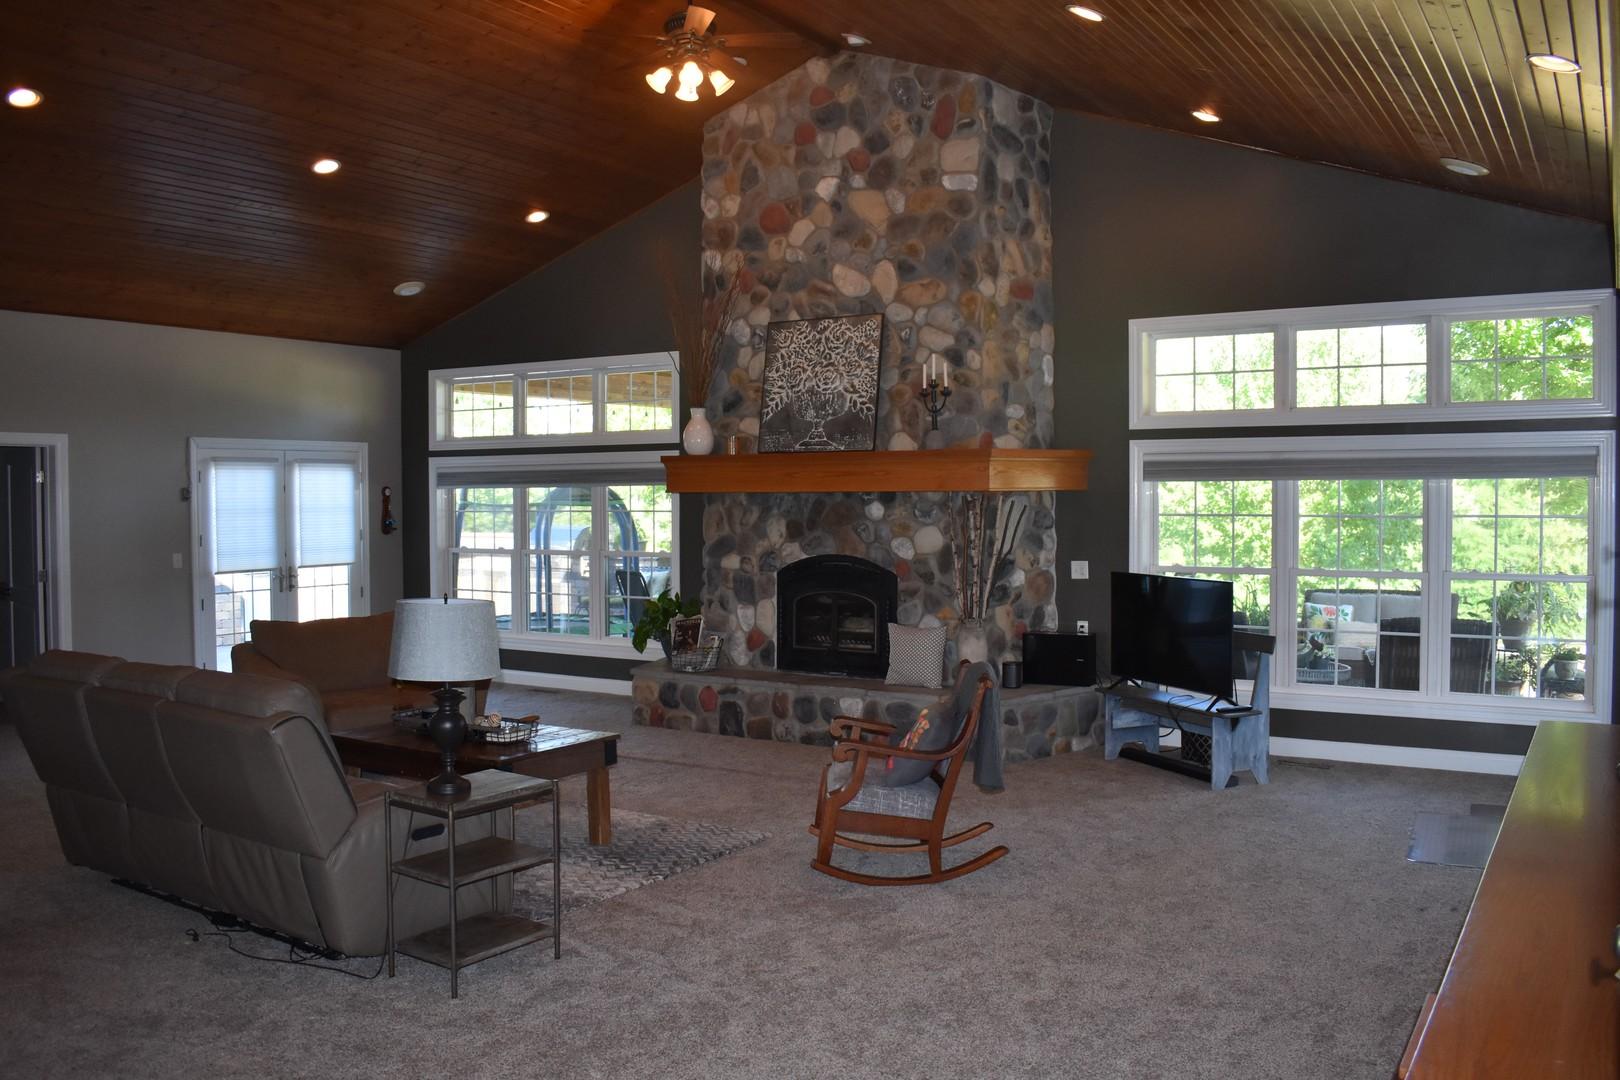 25925 Iron Mountain ,Tremont, Illinois 61568